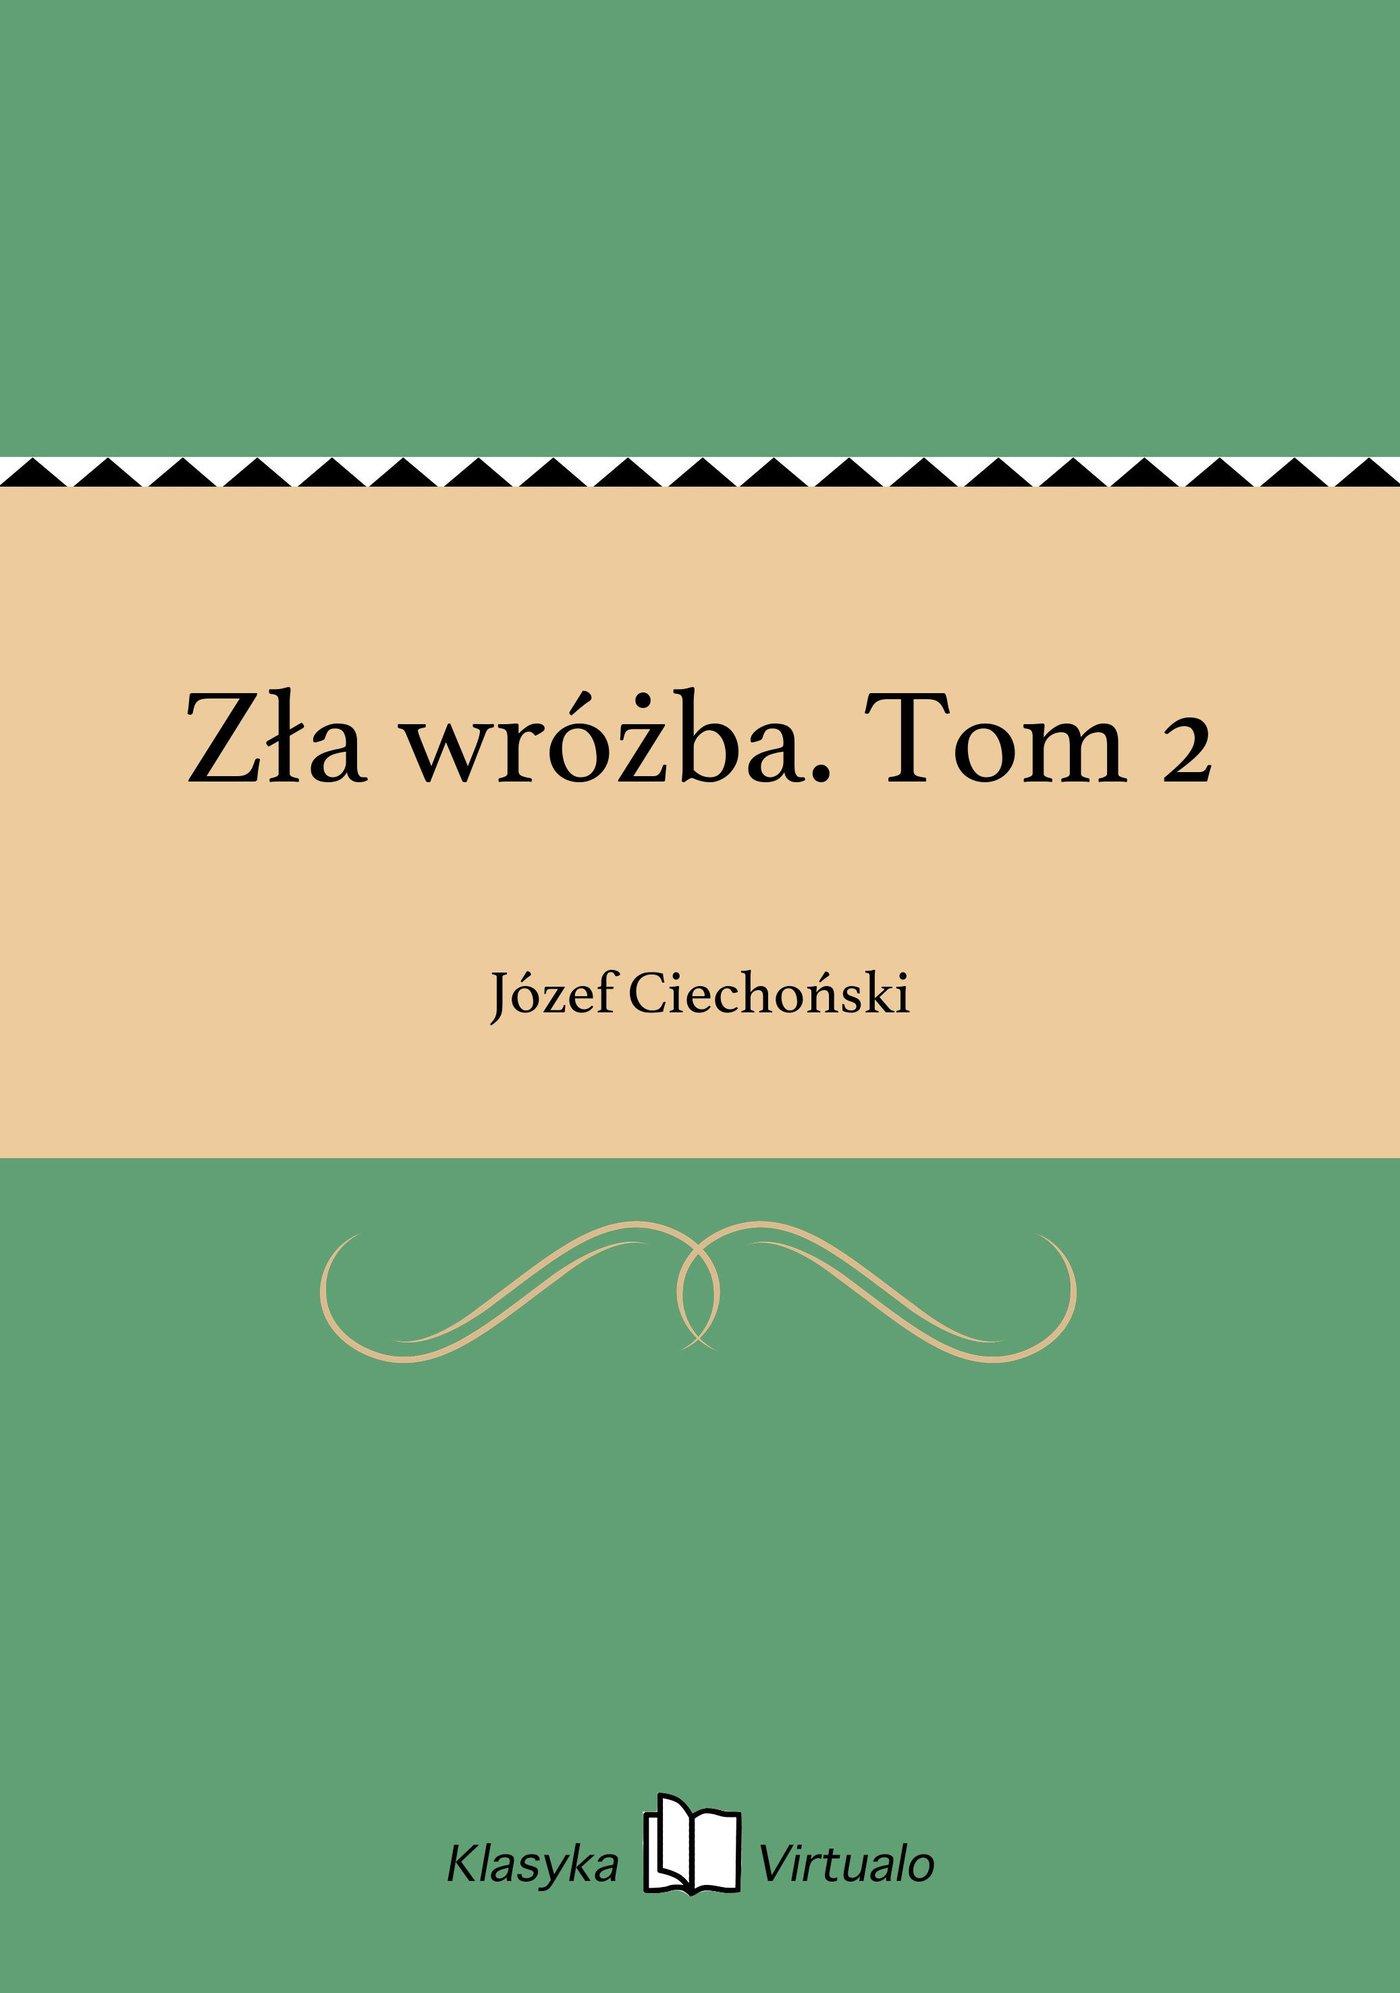 Zła wróżba. Tom 2 - Ebook (Książka EPUB) do pobrania w formacie EPUB